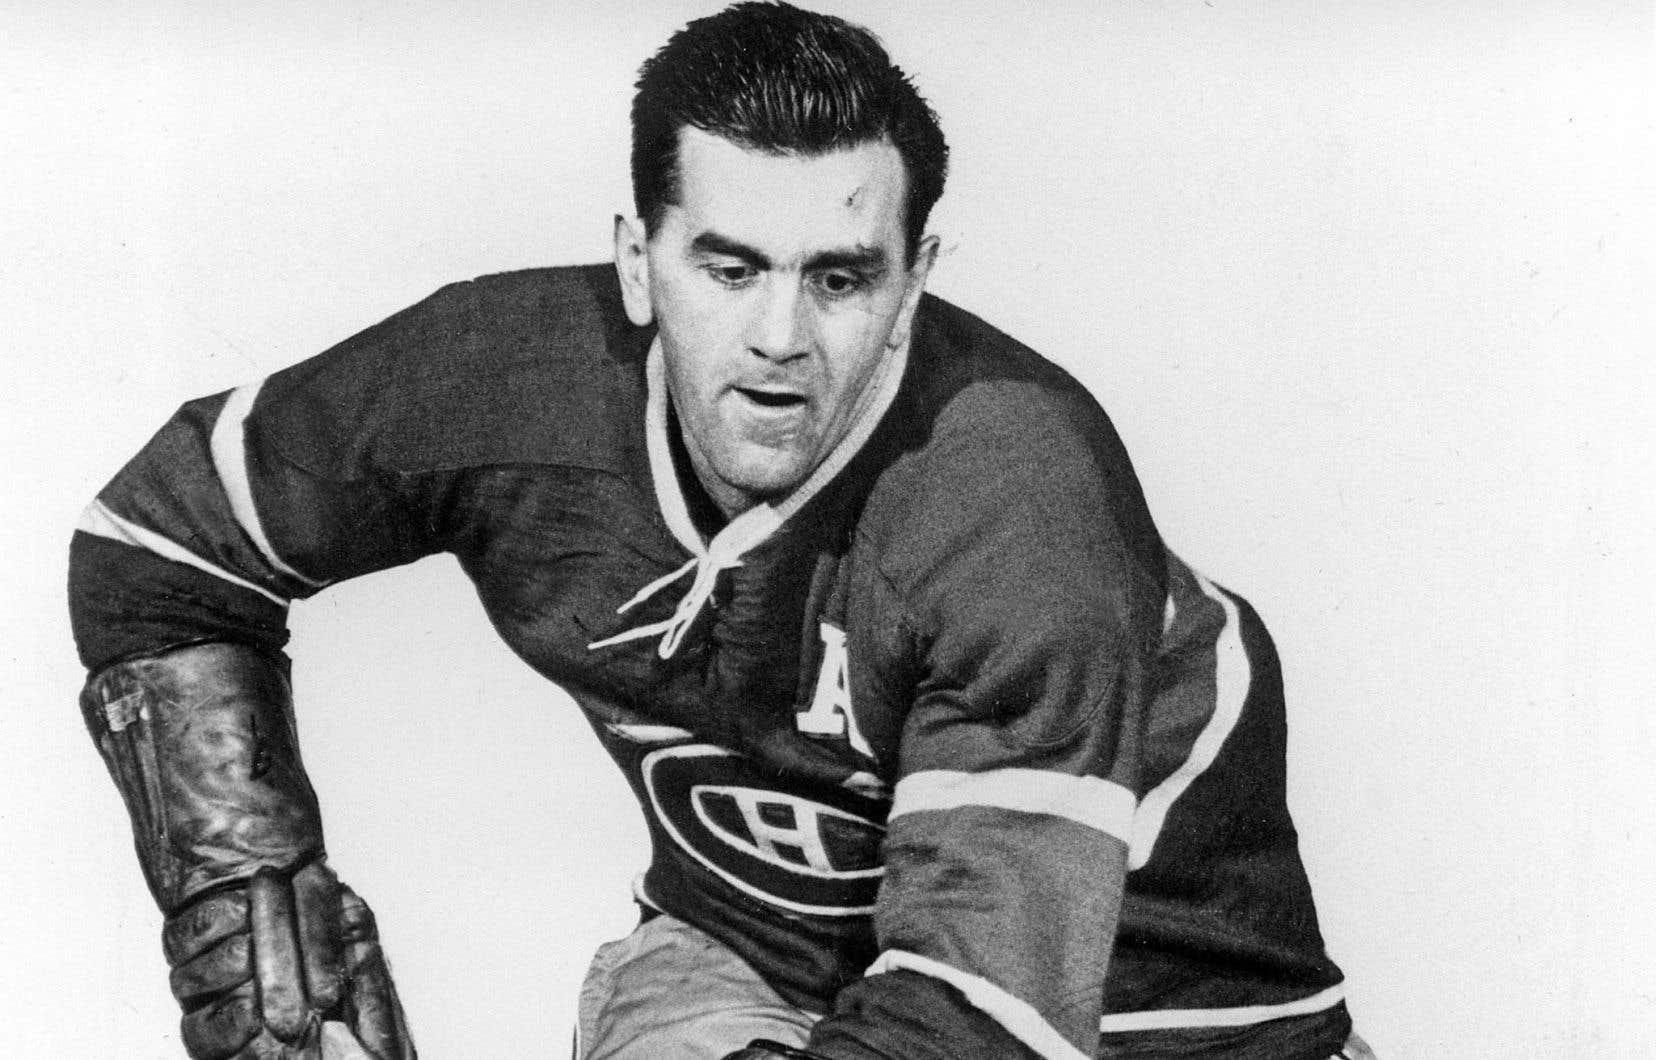 Maurice Richard a joué dans la LNH de 1942 à 1960. On le voit ici en 1954.